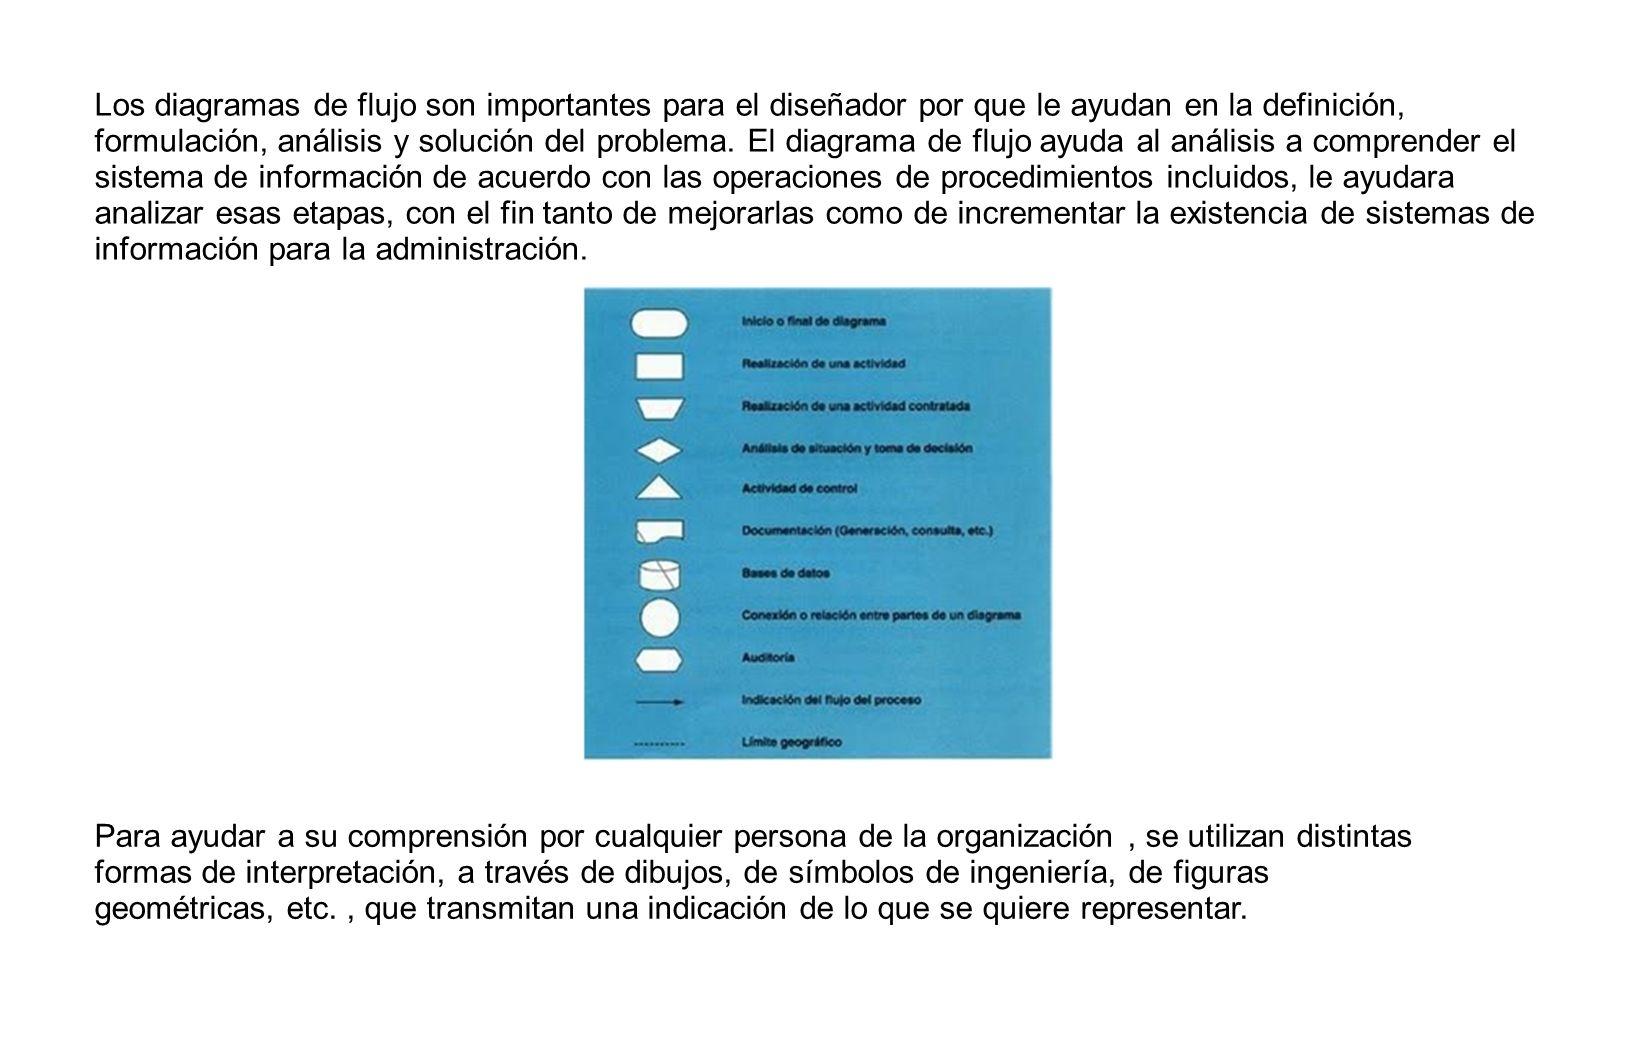 Objetivo.- Representar gráficamente las distintas etapas de un proceso y sus interacciones, para facilitar la comprensión de su funcionamiento.